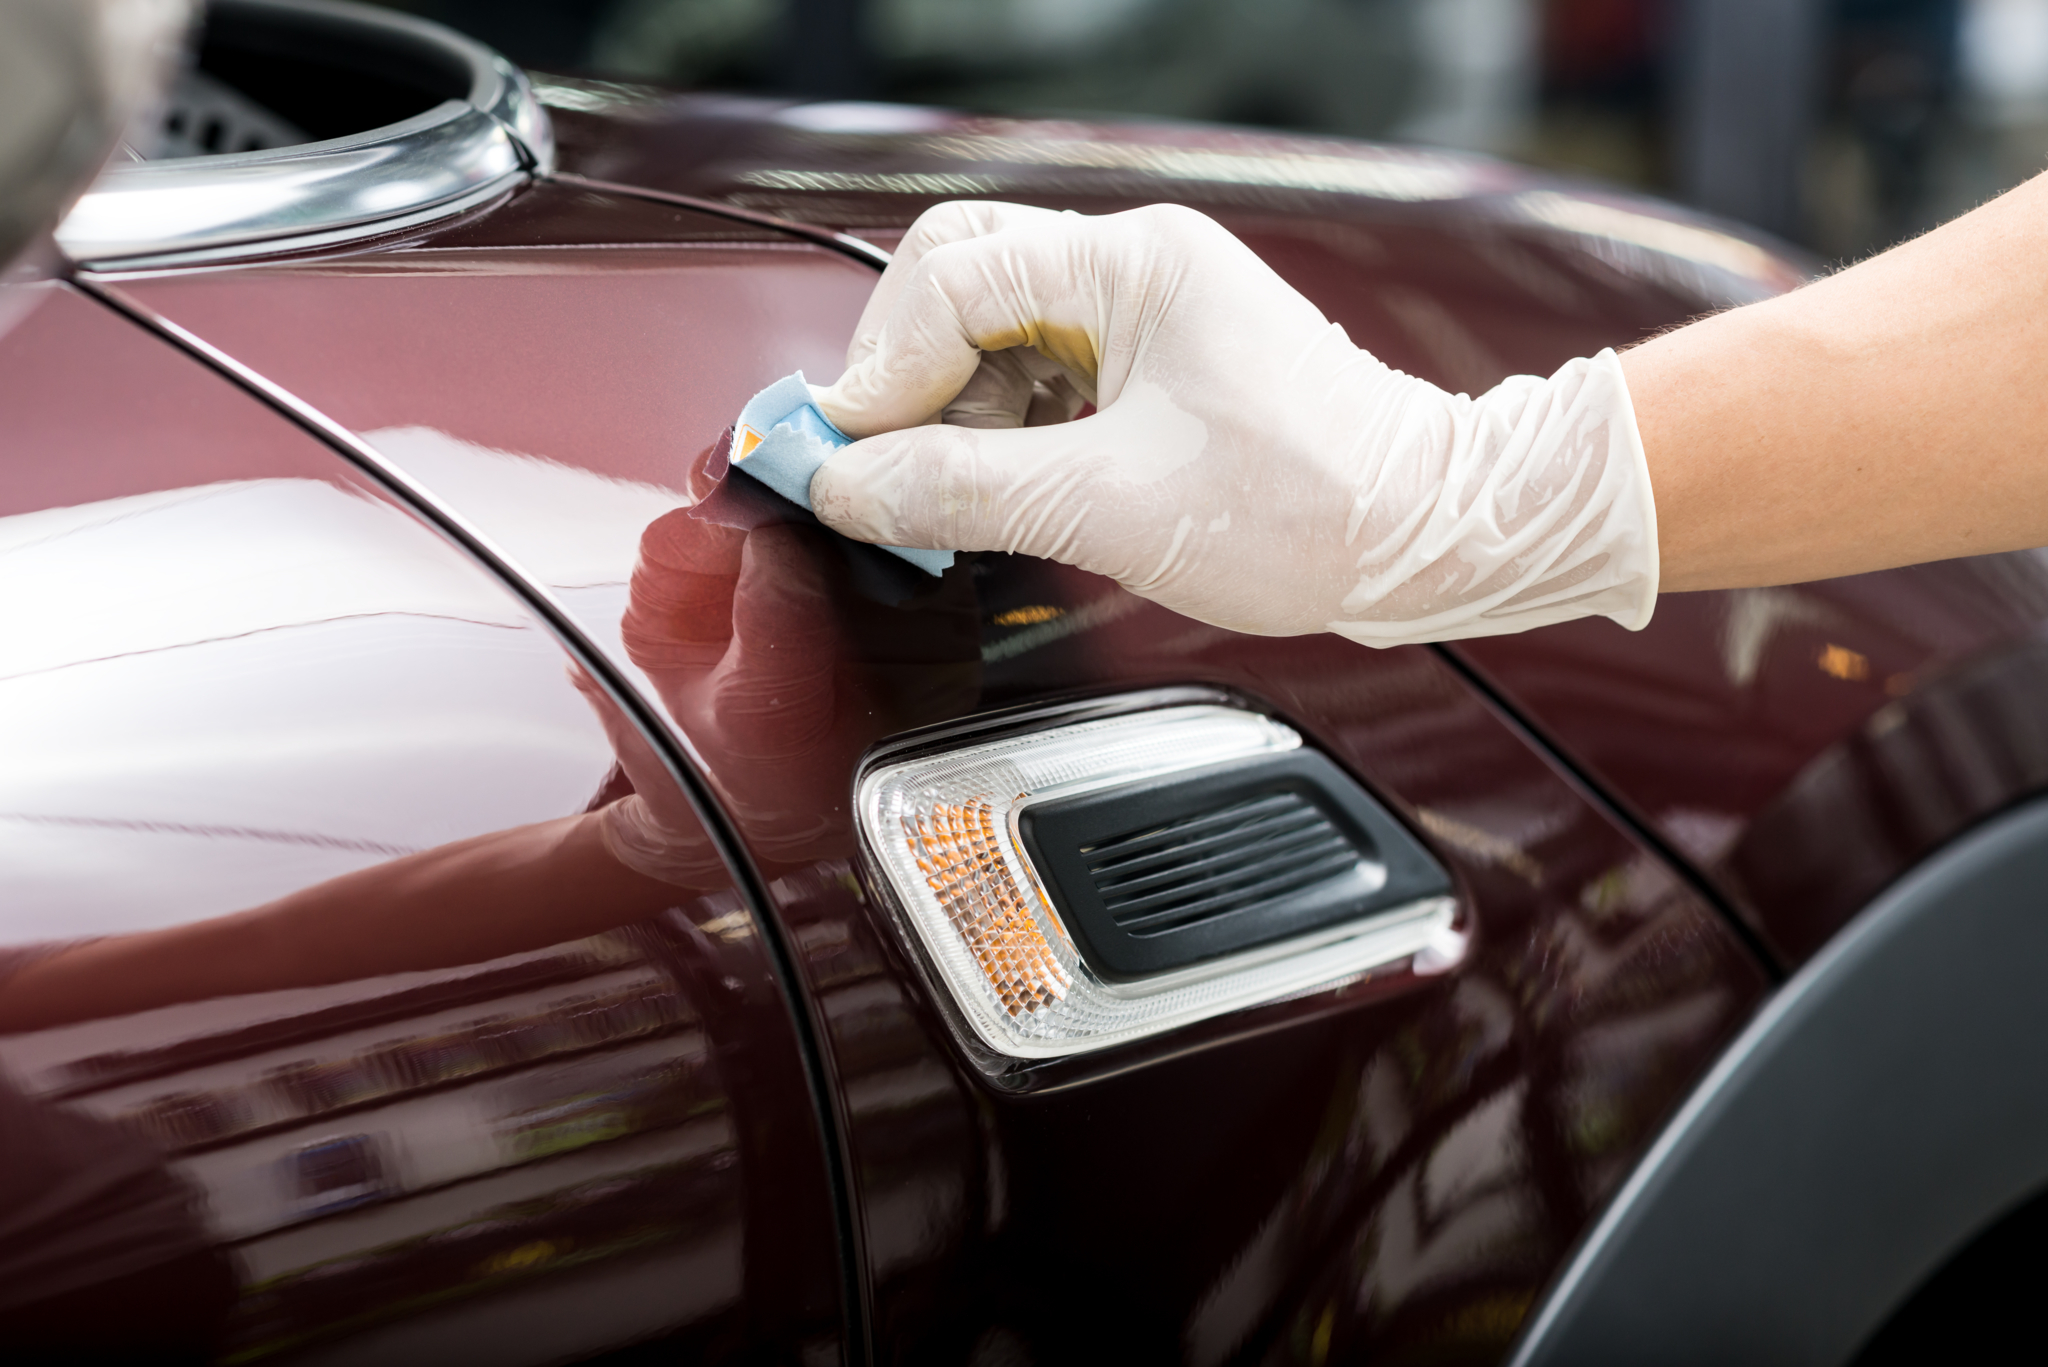 6ix Star Auto Detailing - Scarborough, ON M1R 2H8 - (416)540-9748 | ShowMeLocal.com